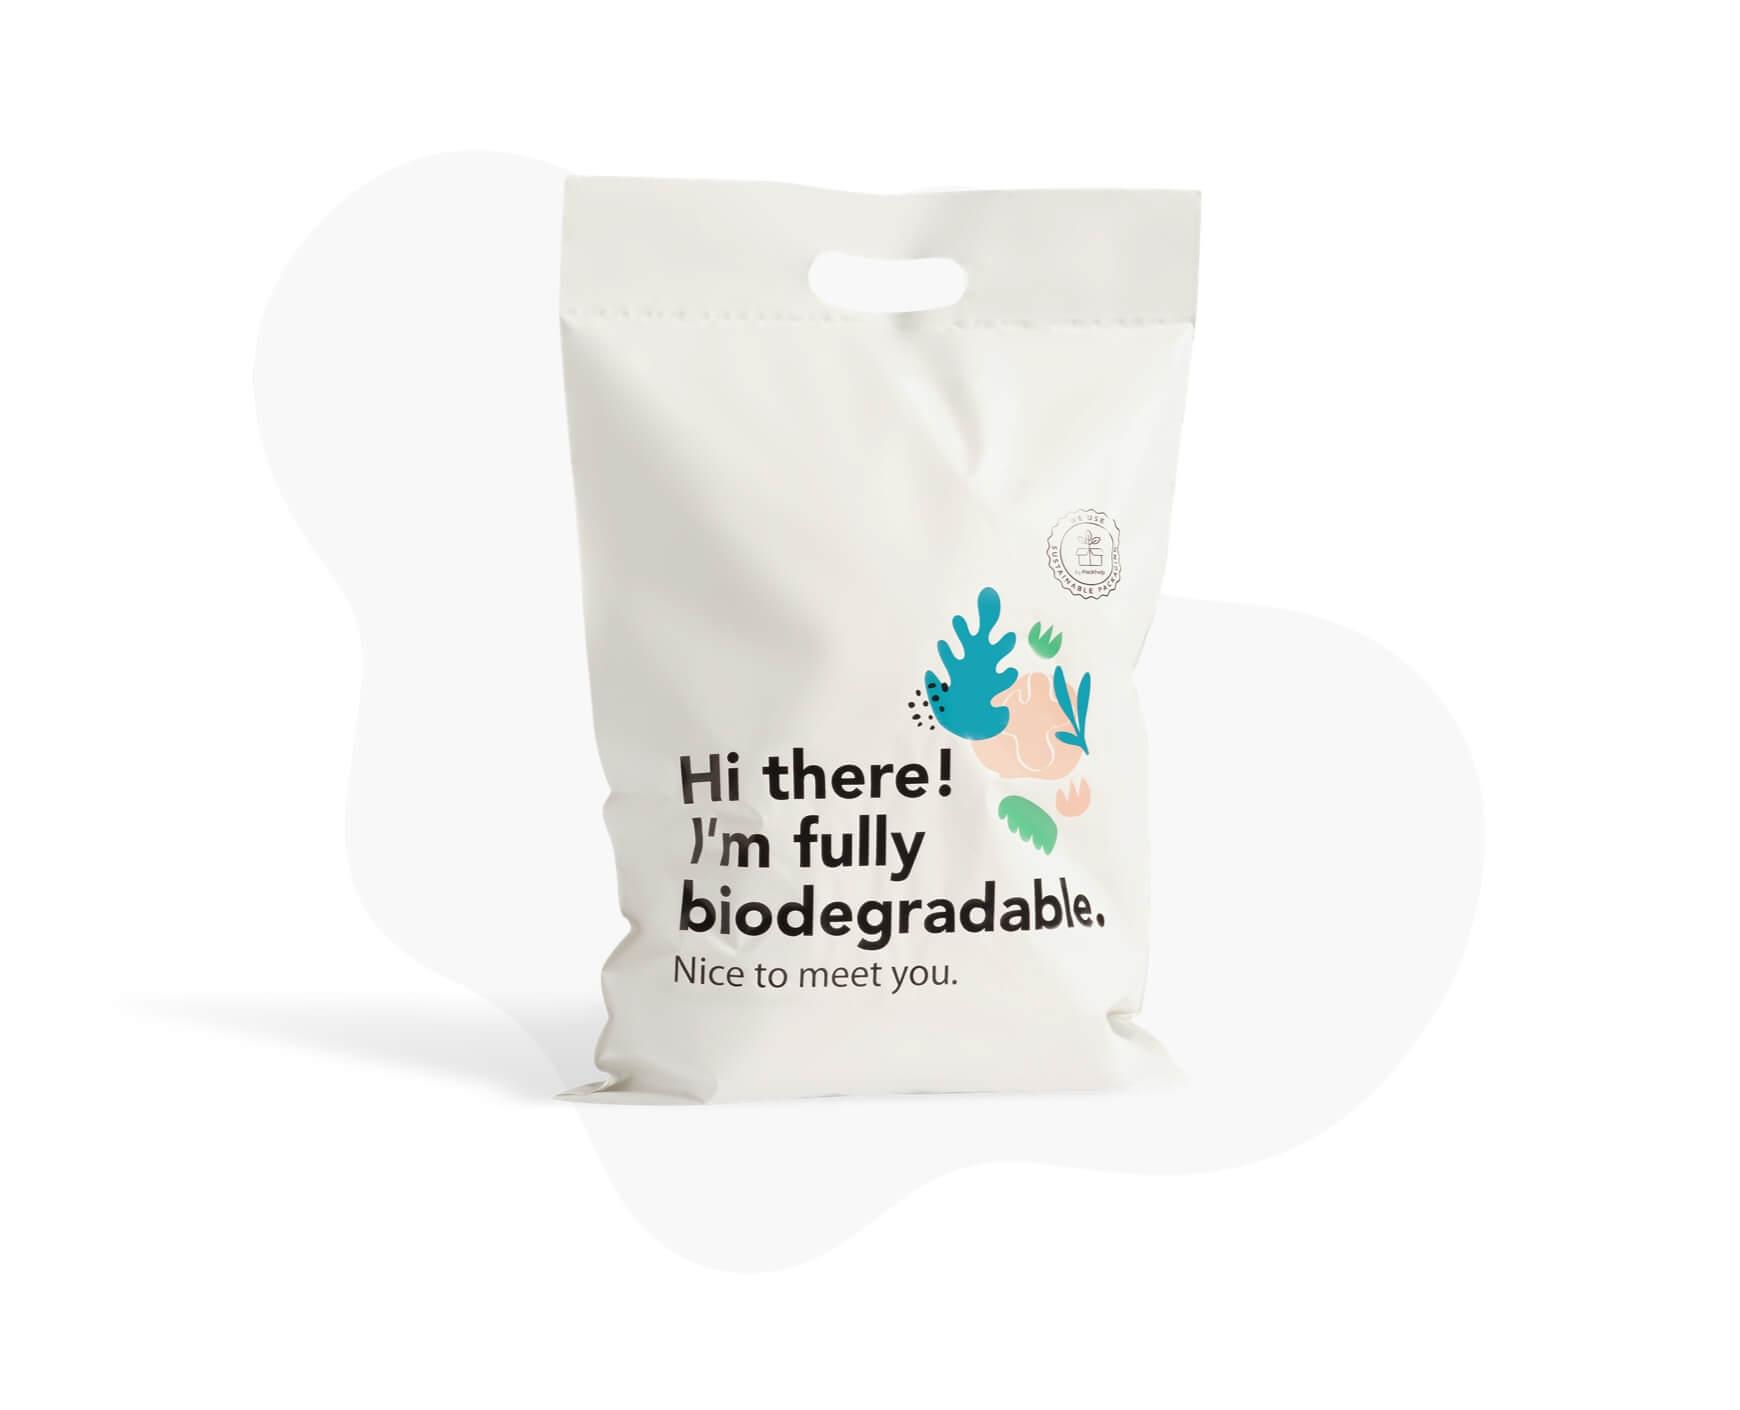 Pack 50 /Öko Organics Versandtaschen kompostierbare Versandtaschen Kleidung Umschlag Kunststoff Selbstverschluss Postkarte Gro/ße selbstklebende Textilien Farben Schwarz Ecofriendly PLA PBAT M